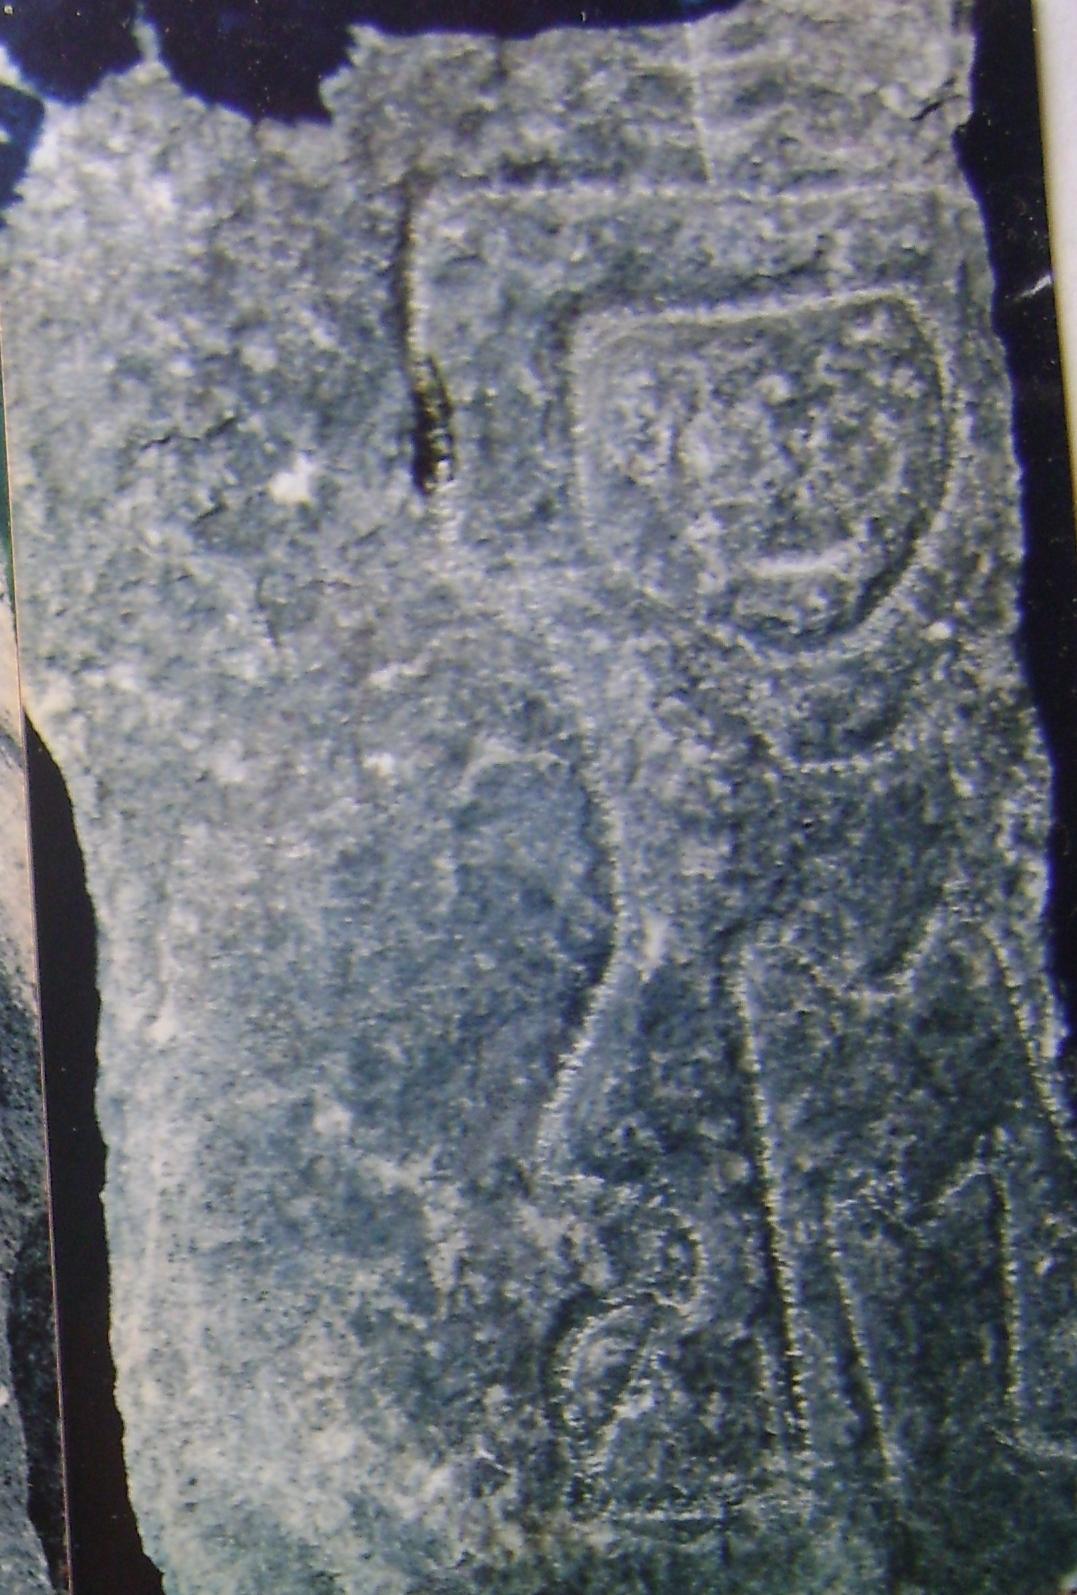 Un cerrito de Petróglifos Verdadero tesoro en Piedras 2zf2ycw